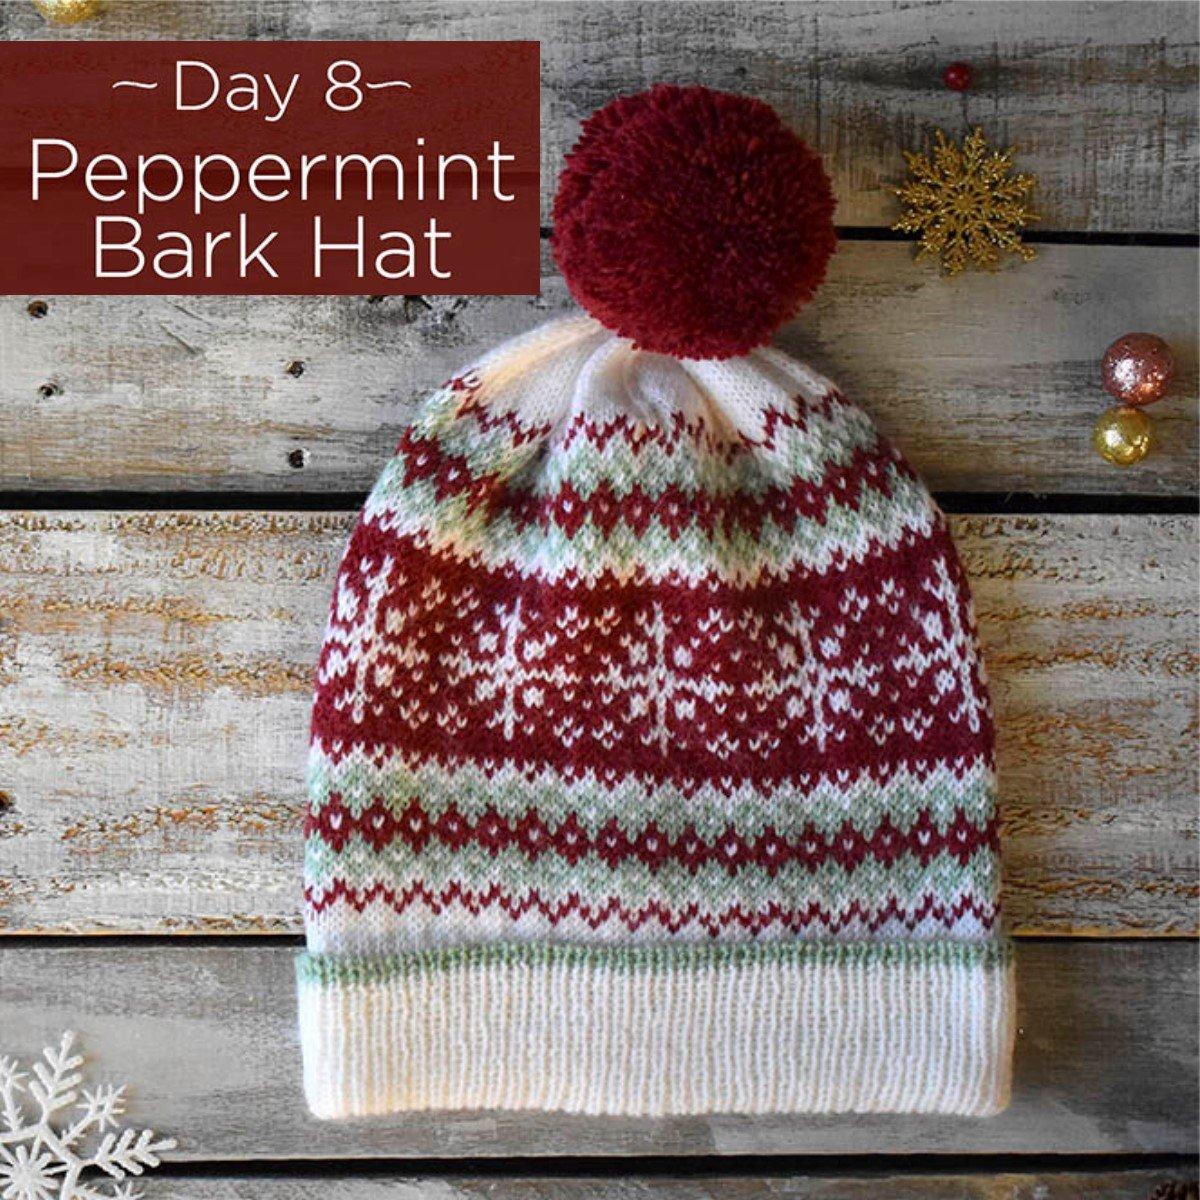 Peppermint Bark Hat Kit - Day 8